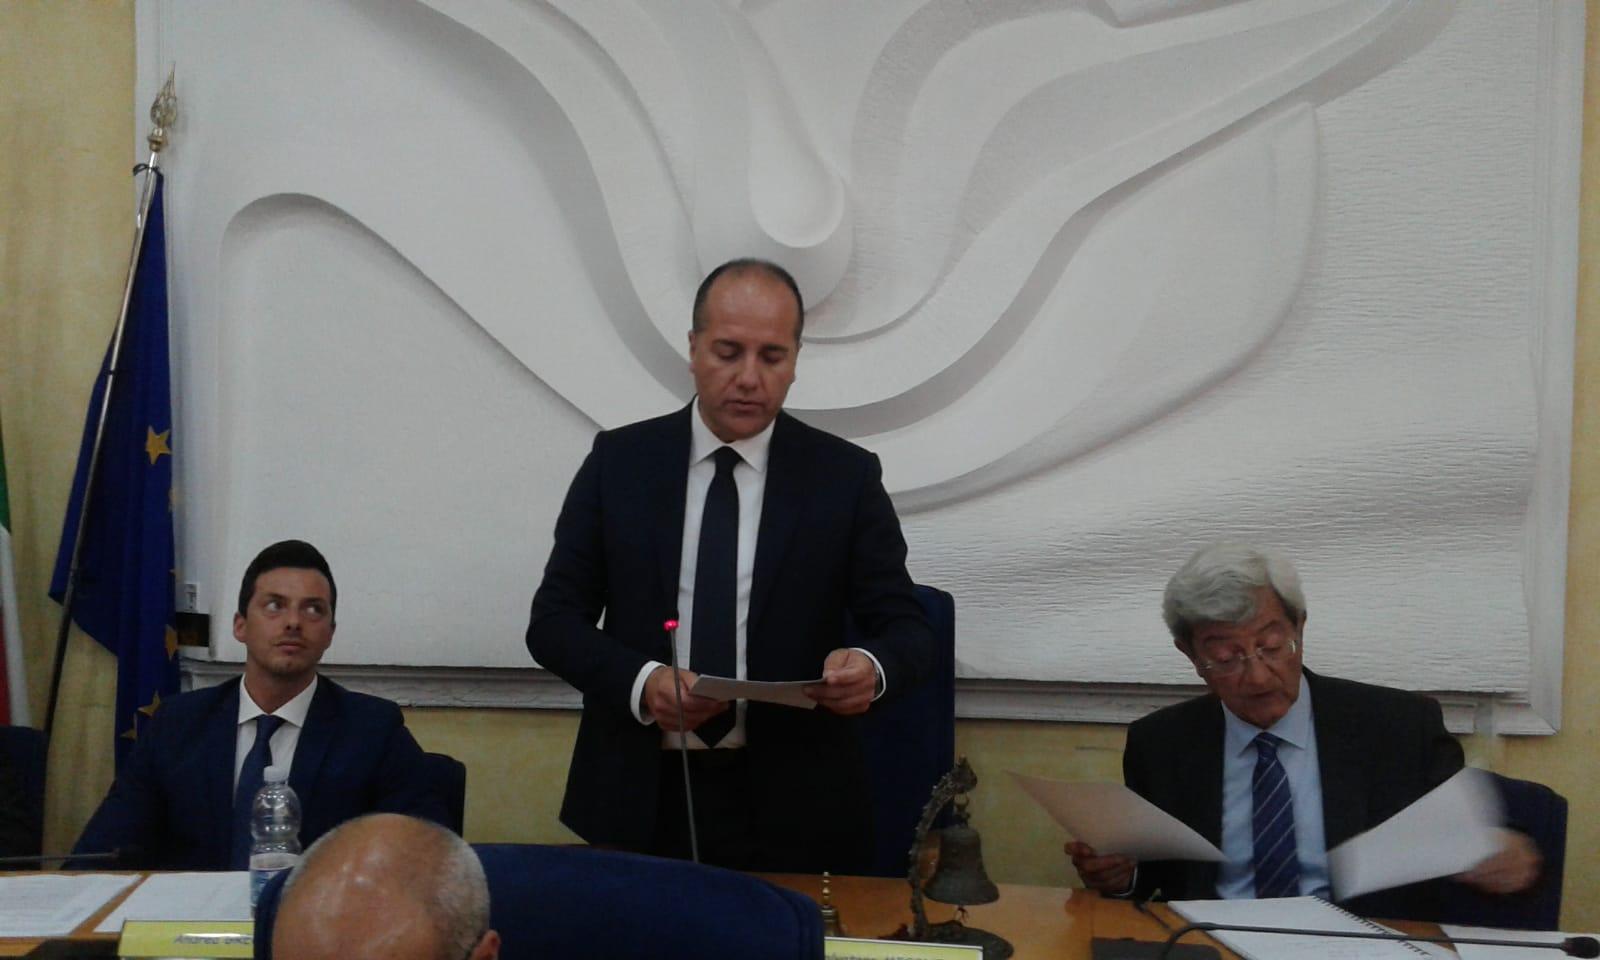 Salvatore Micone nuovo Presidente del Consiglio regionale (DIRETTA)